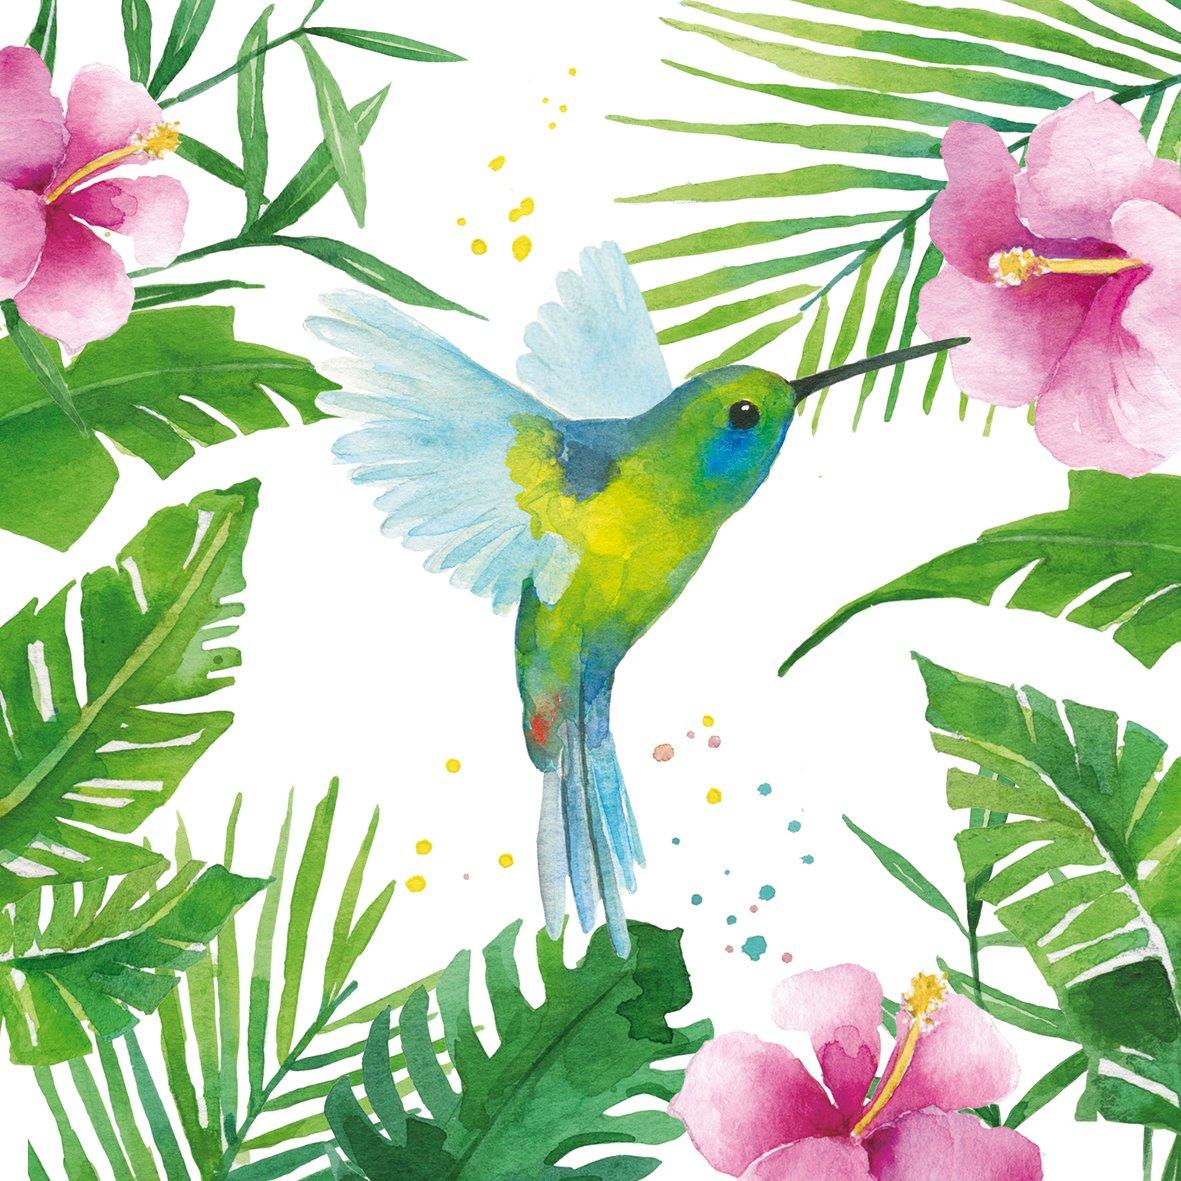 20Servilletas Colibrí Animales Paradies vacaciones 4026333x 33cm Serviette Kolibri